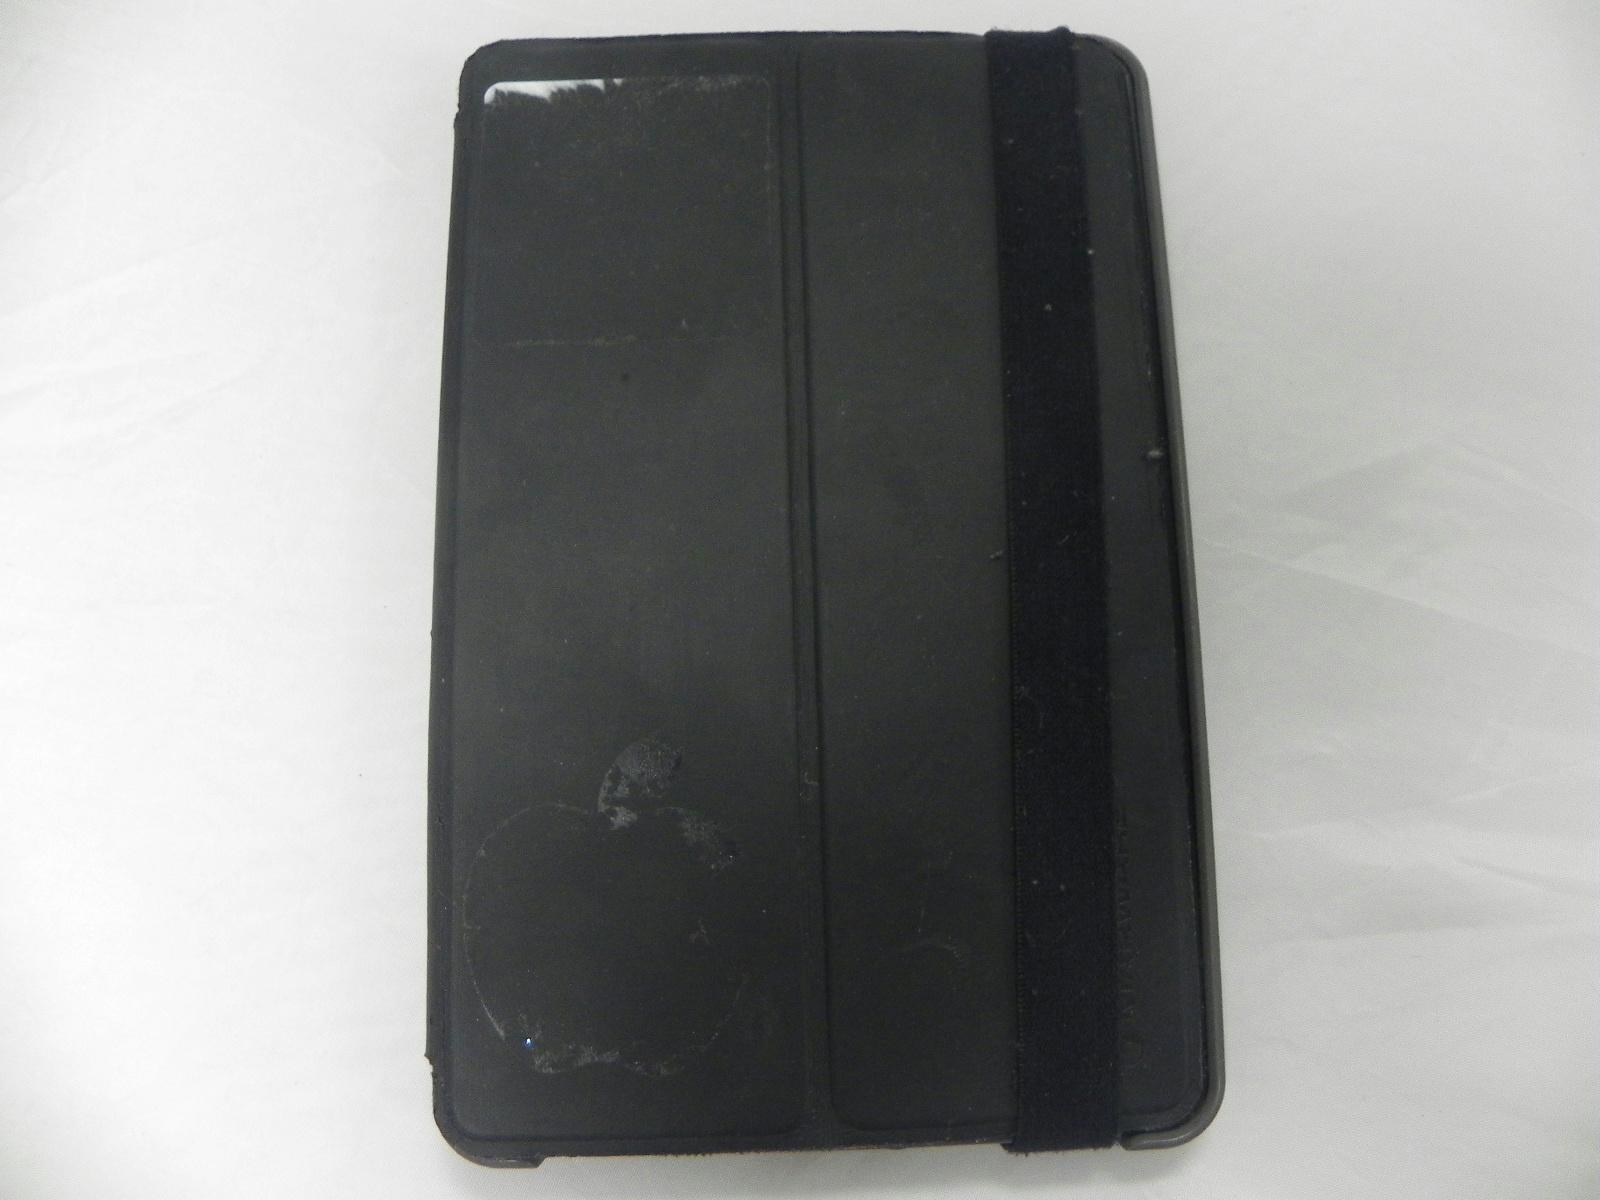 amazon kindle fire tablet ereader black d01400 8 gb 7. Black Bedroom Furniture Sets. Home Design Ideas